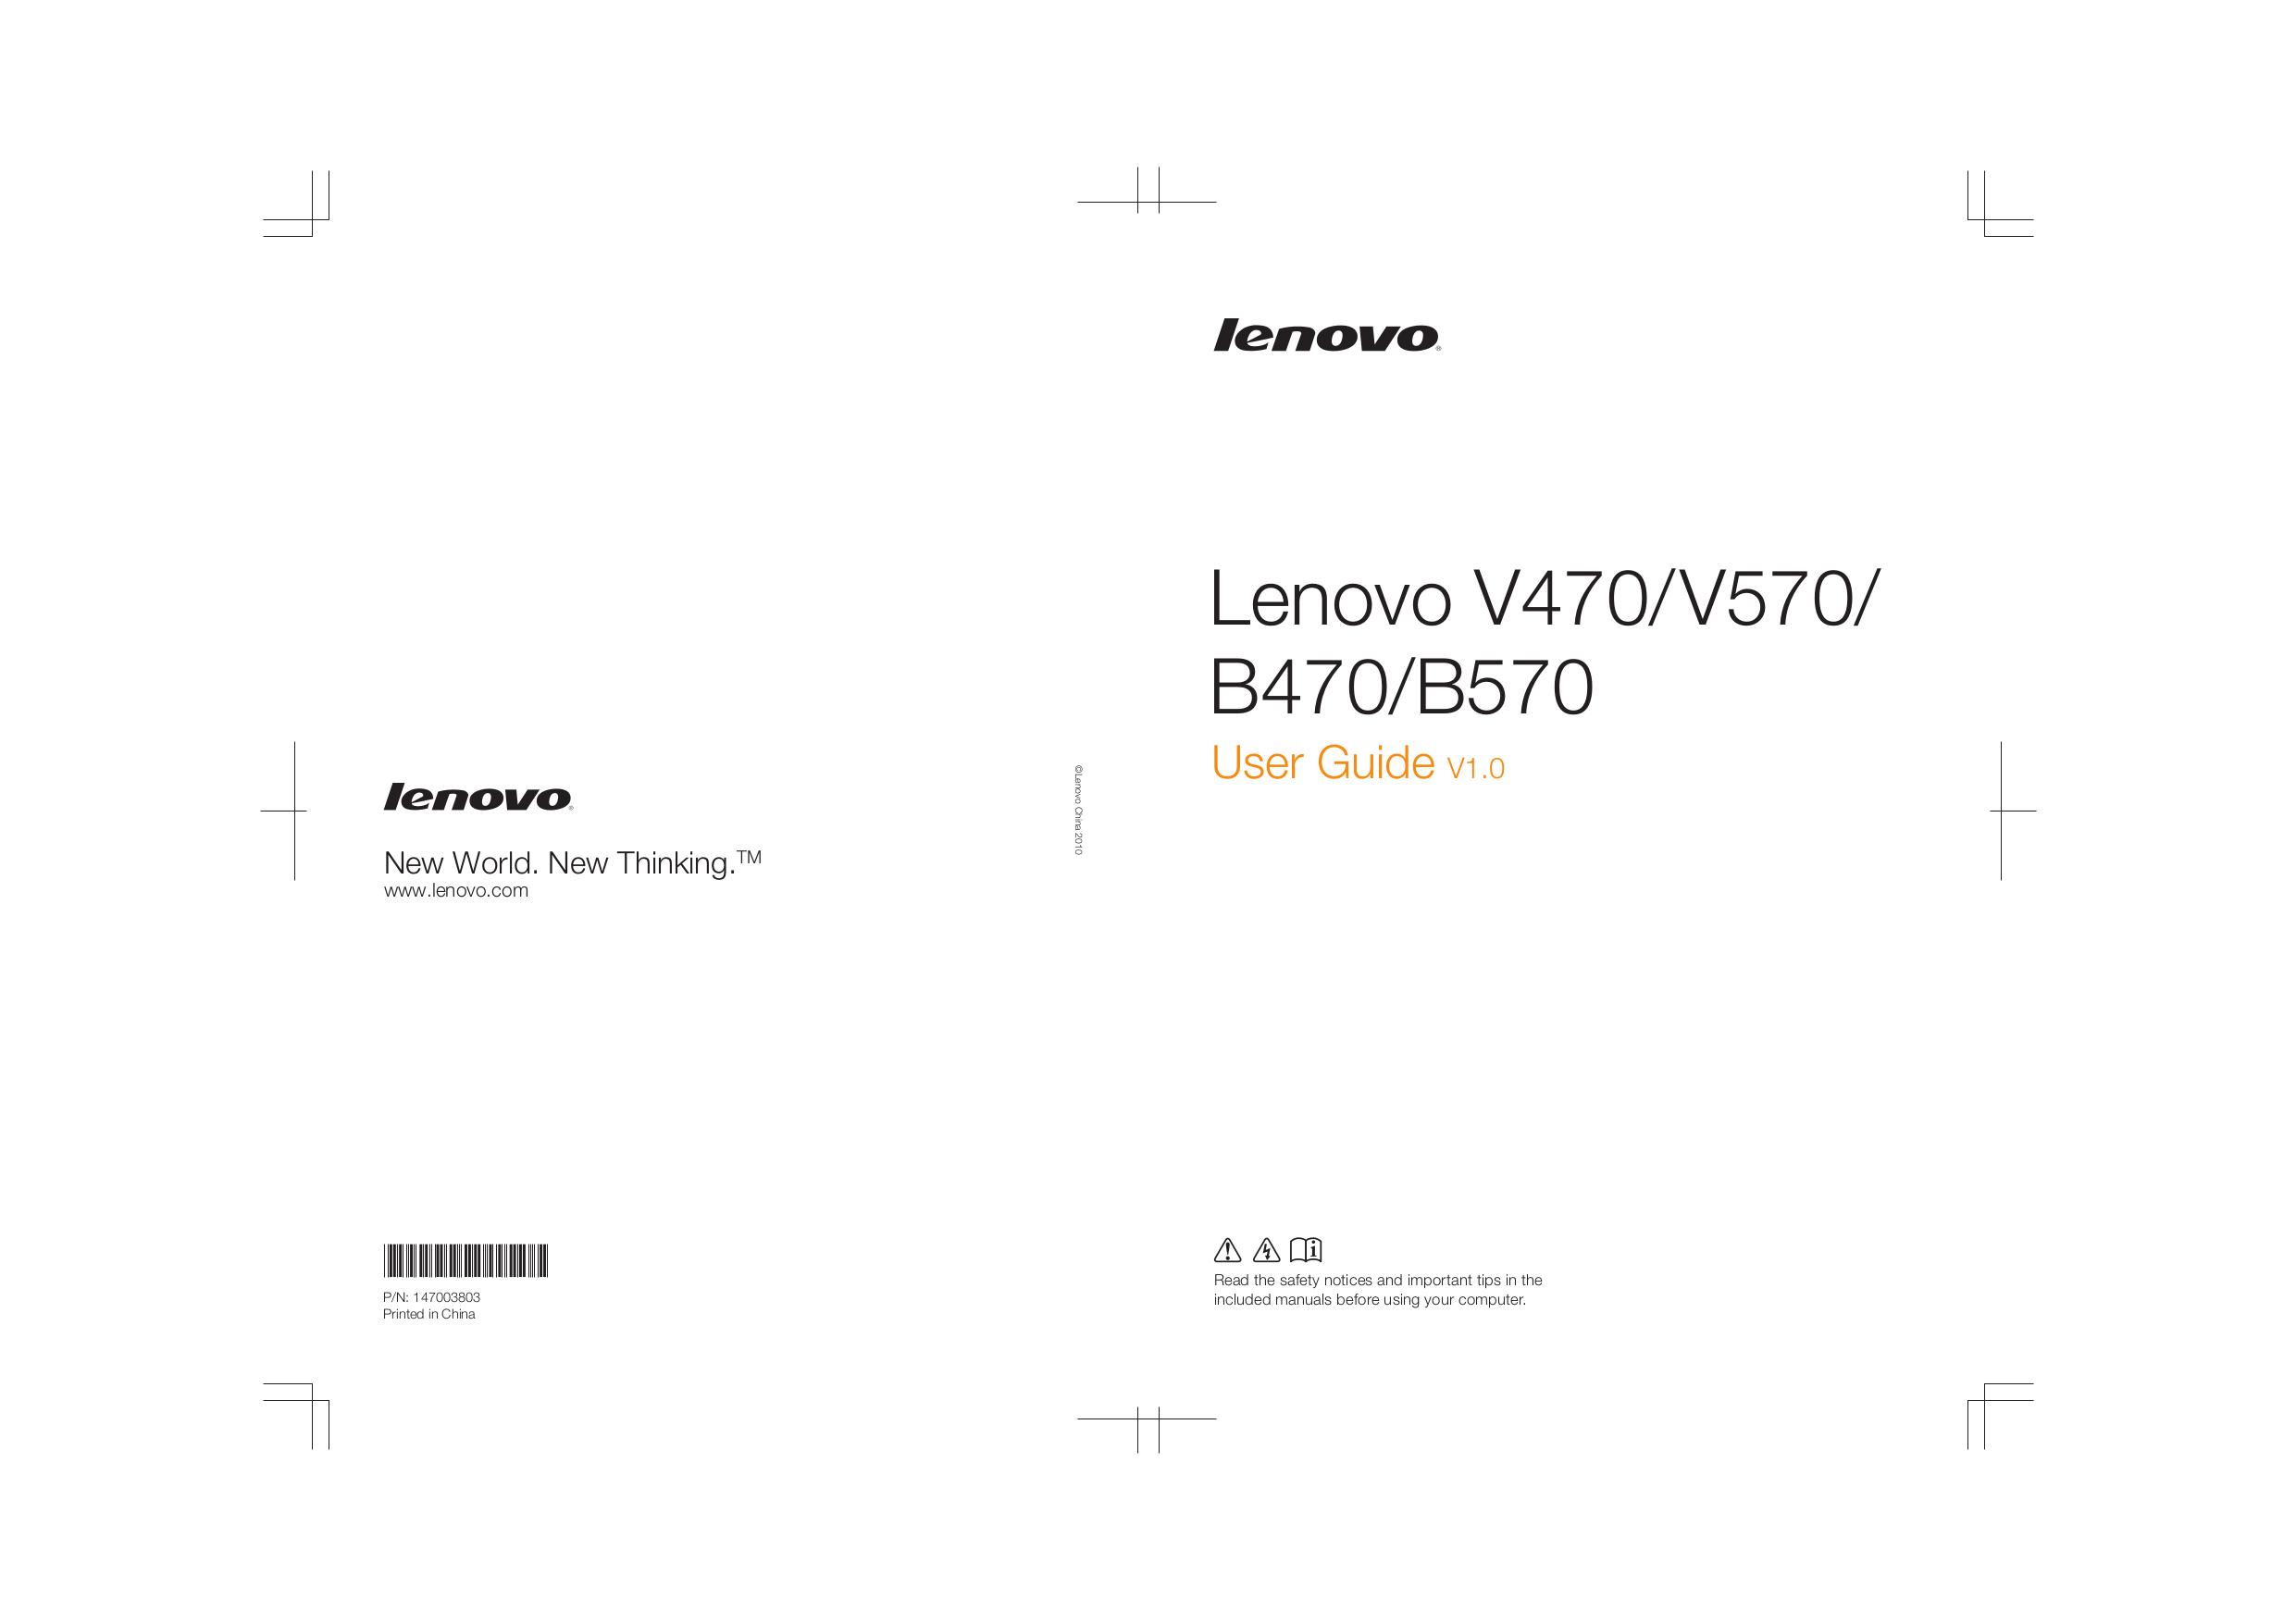 v570 lenovo manual for